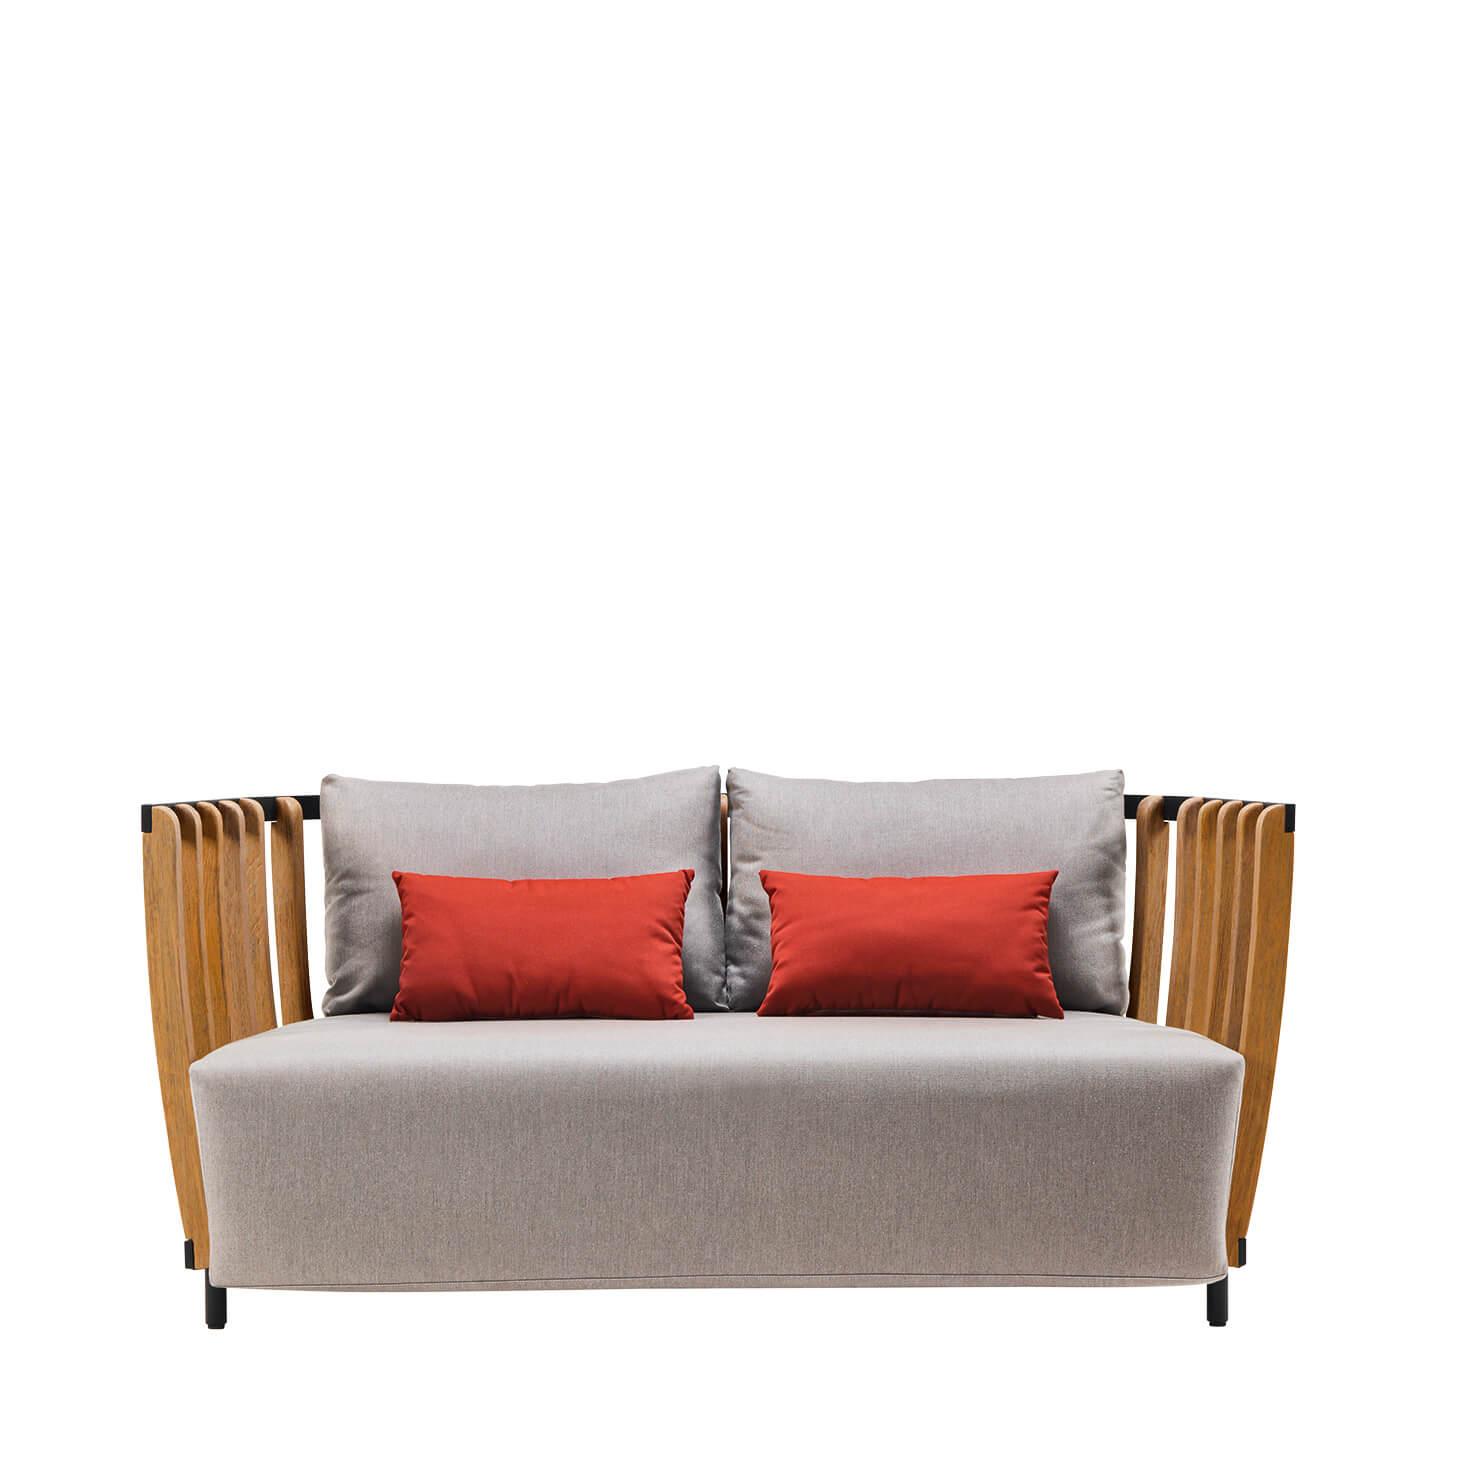 Градински двуместен диван, колекция Swing